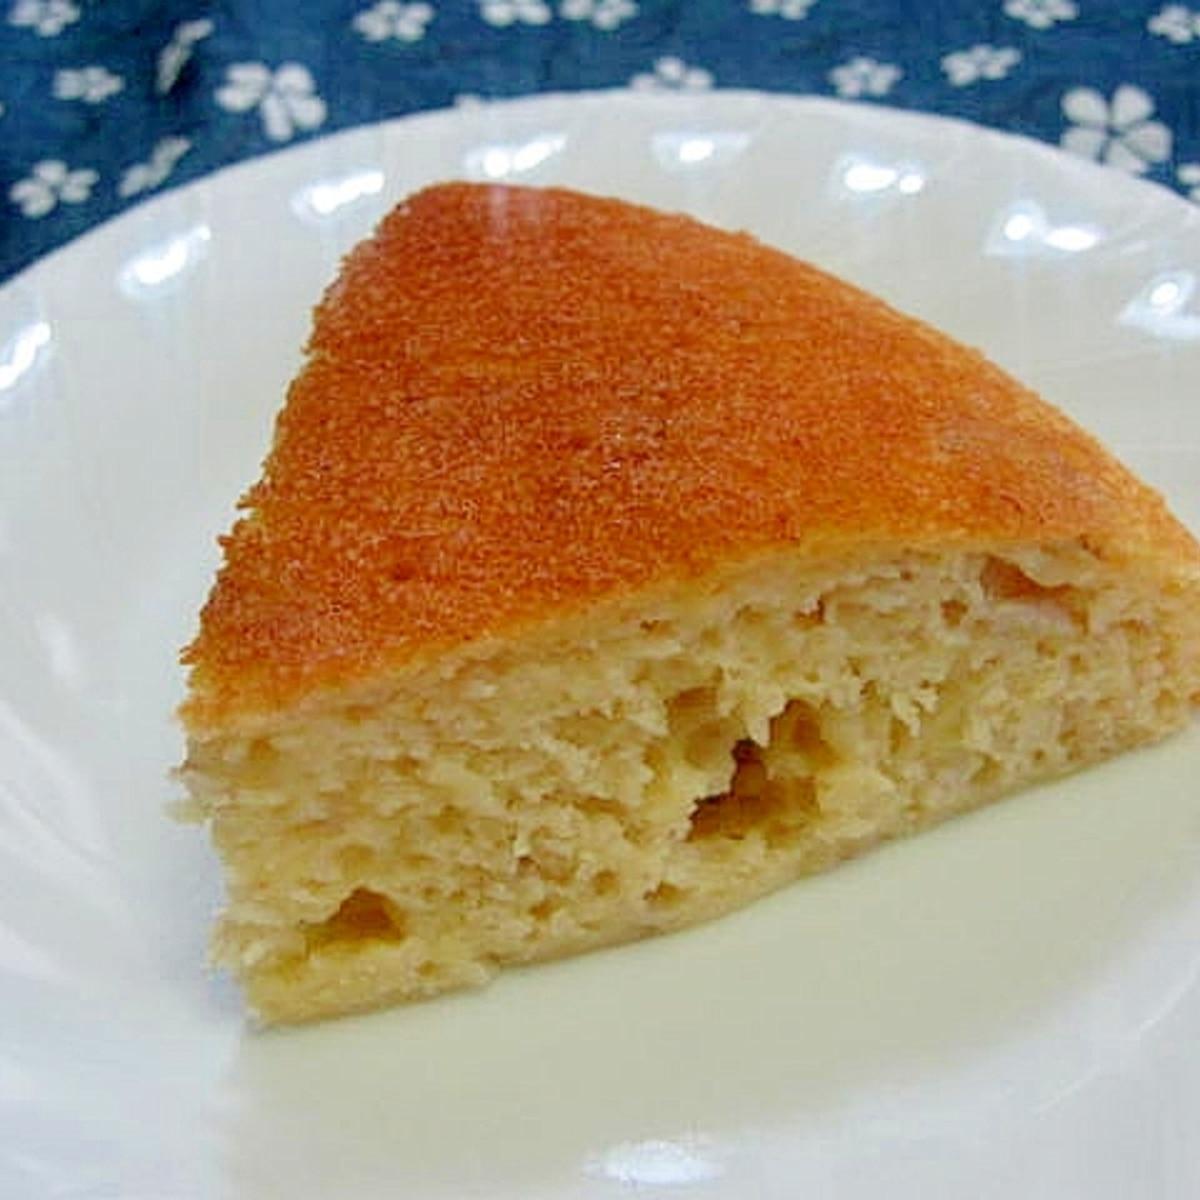 ケーキ バナナ ミックス 器 ホット 炊飯